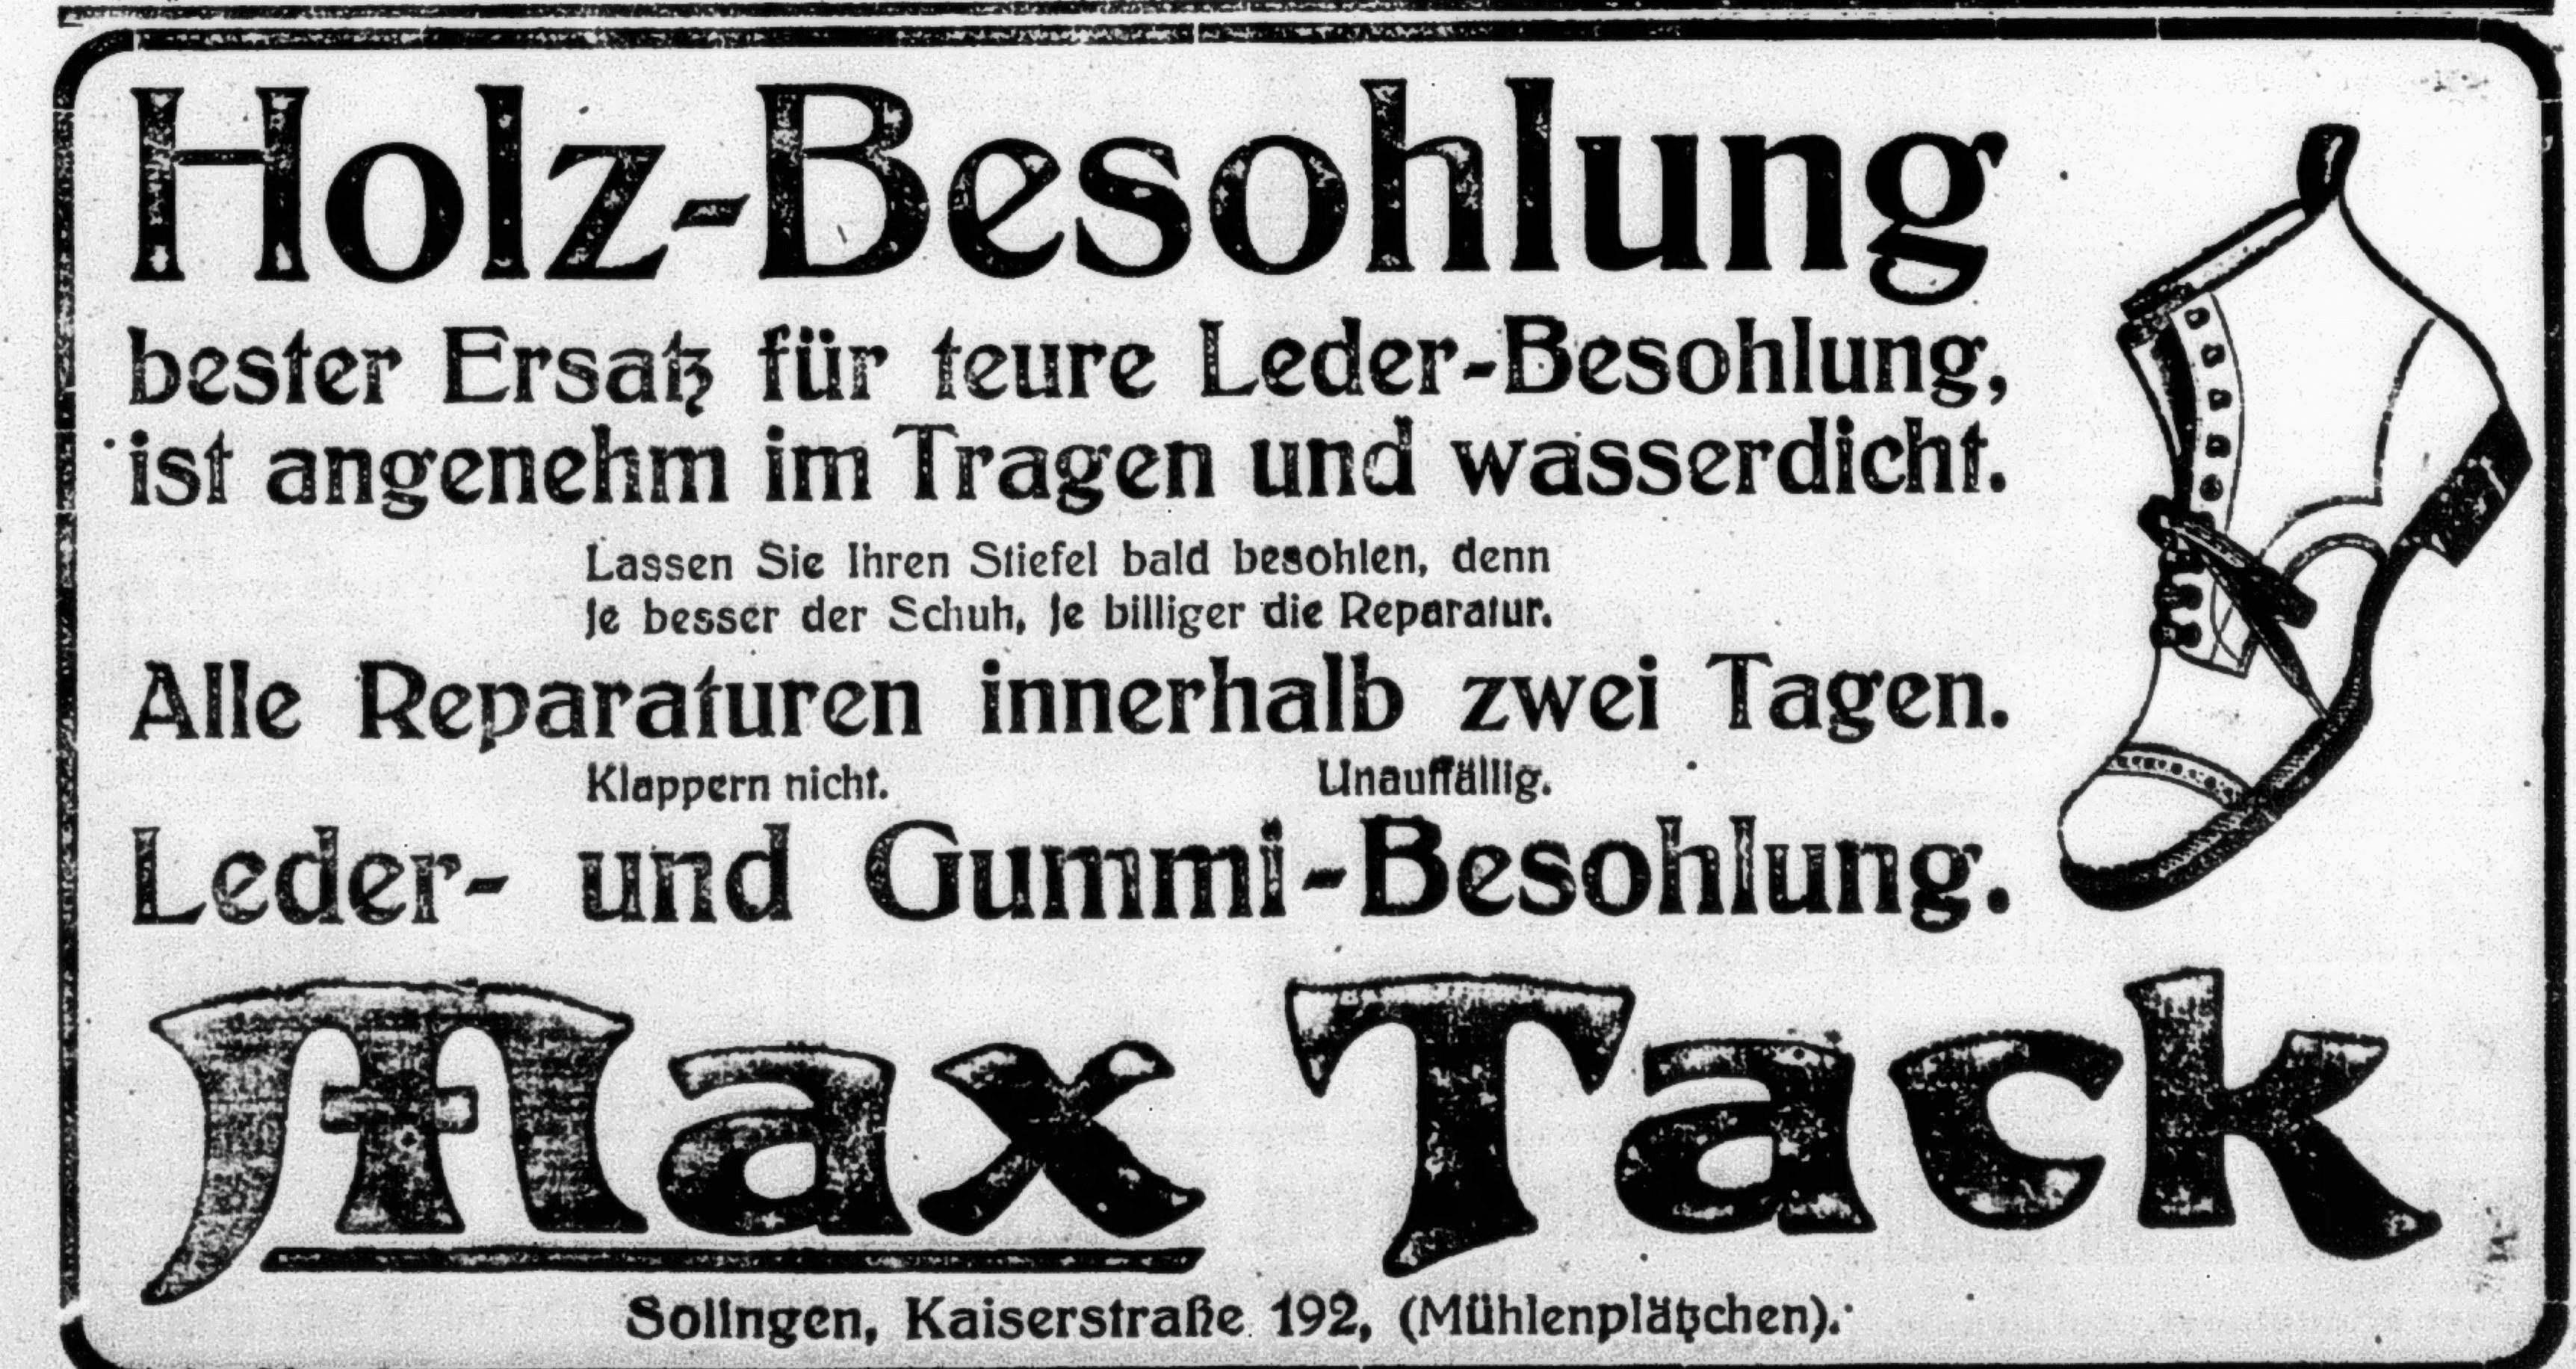 Schuhe | 1914 1918: Ein rheinisches Tagebuch | Seite 2